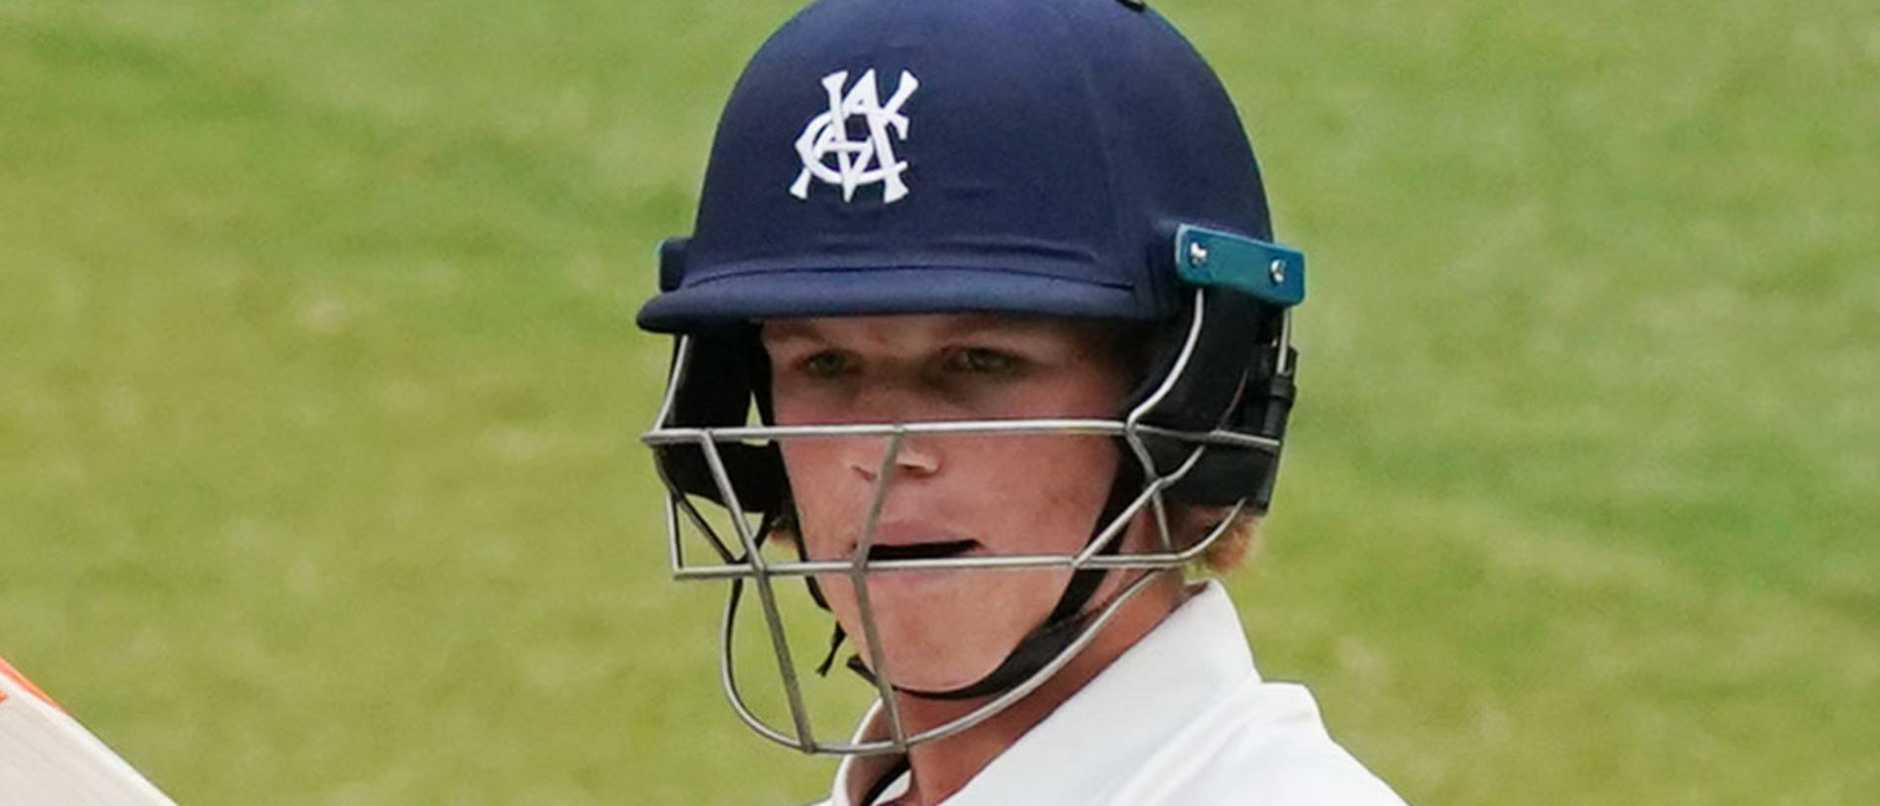 Jake Fraser-McGurk impressed at the crease.